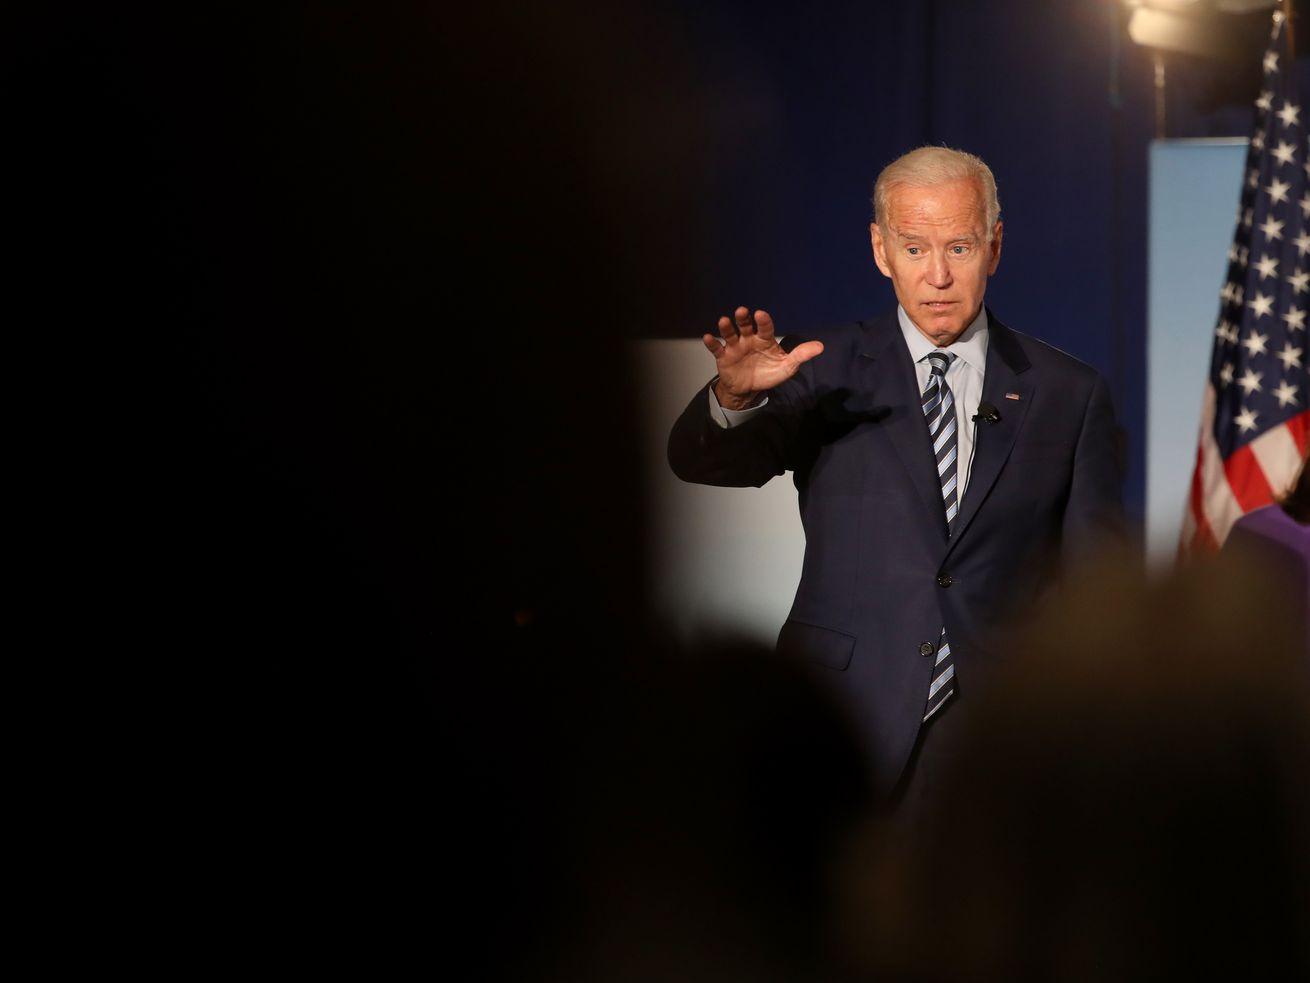 Joe Biden has a health care plan.